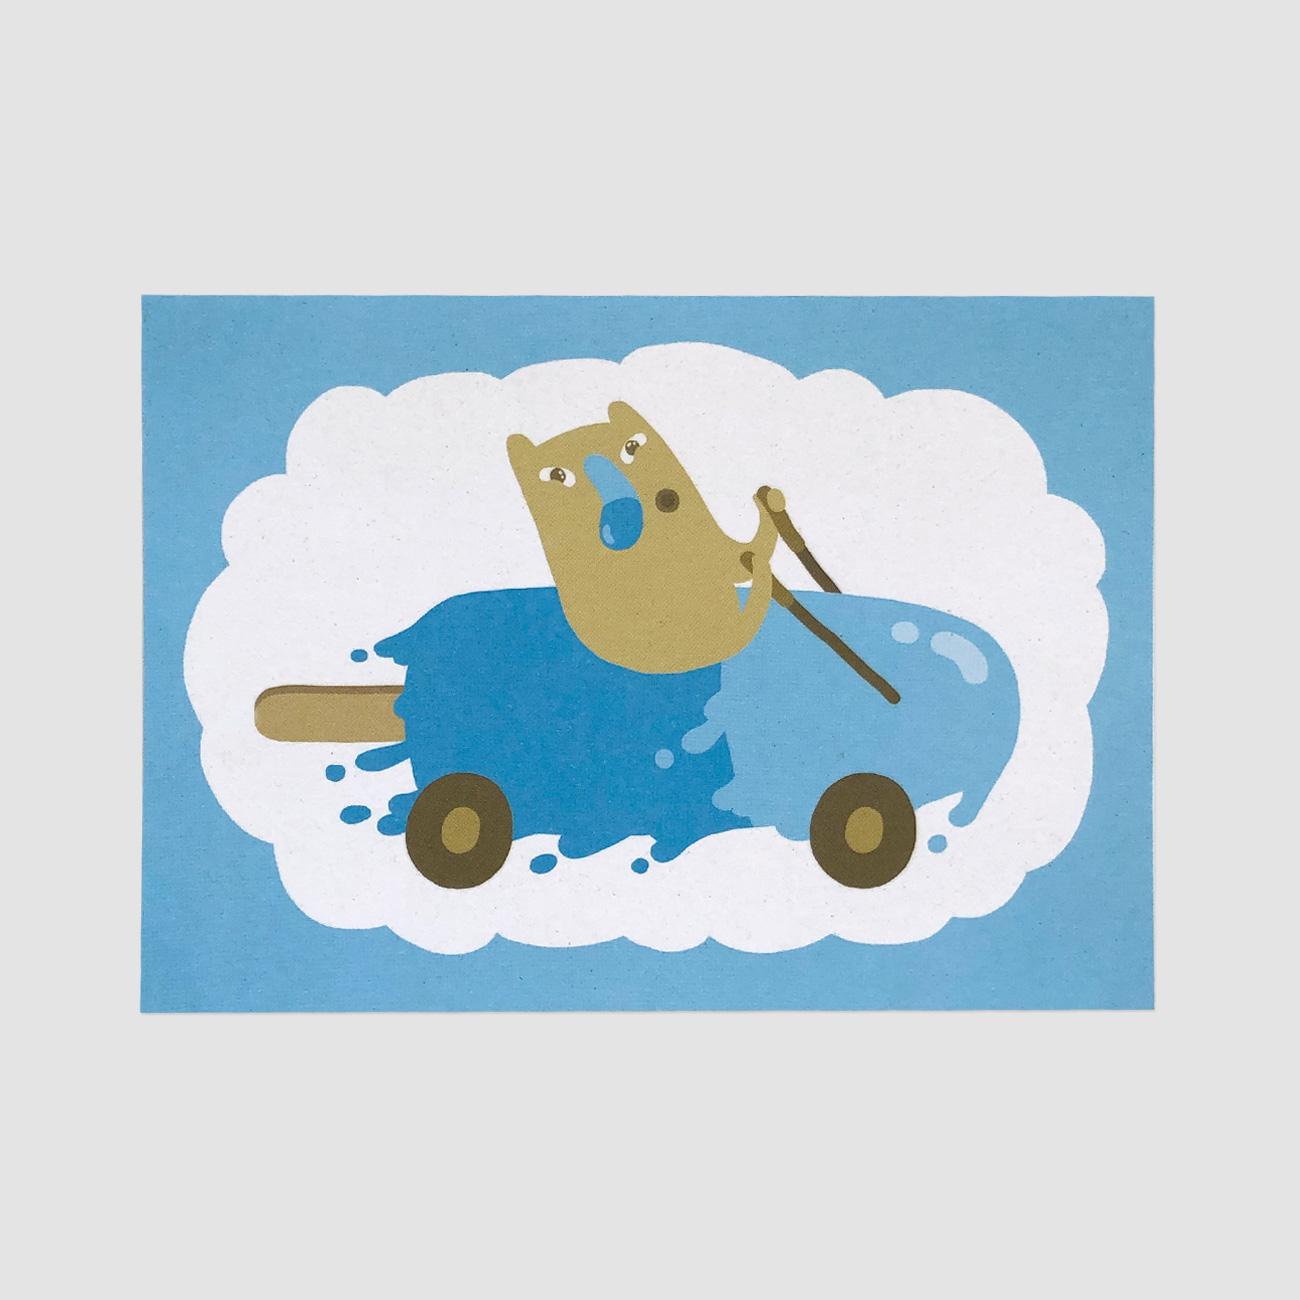 Eismobil, Postkarte, DinA 6, illustriert, Lisa Röper,